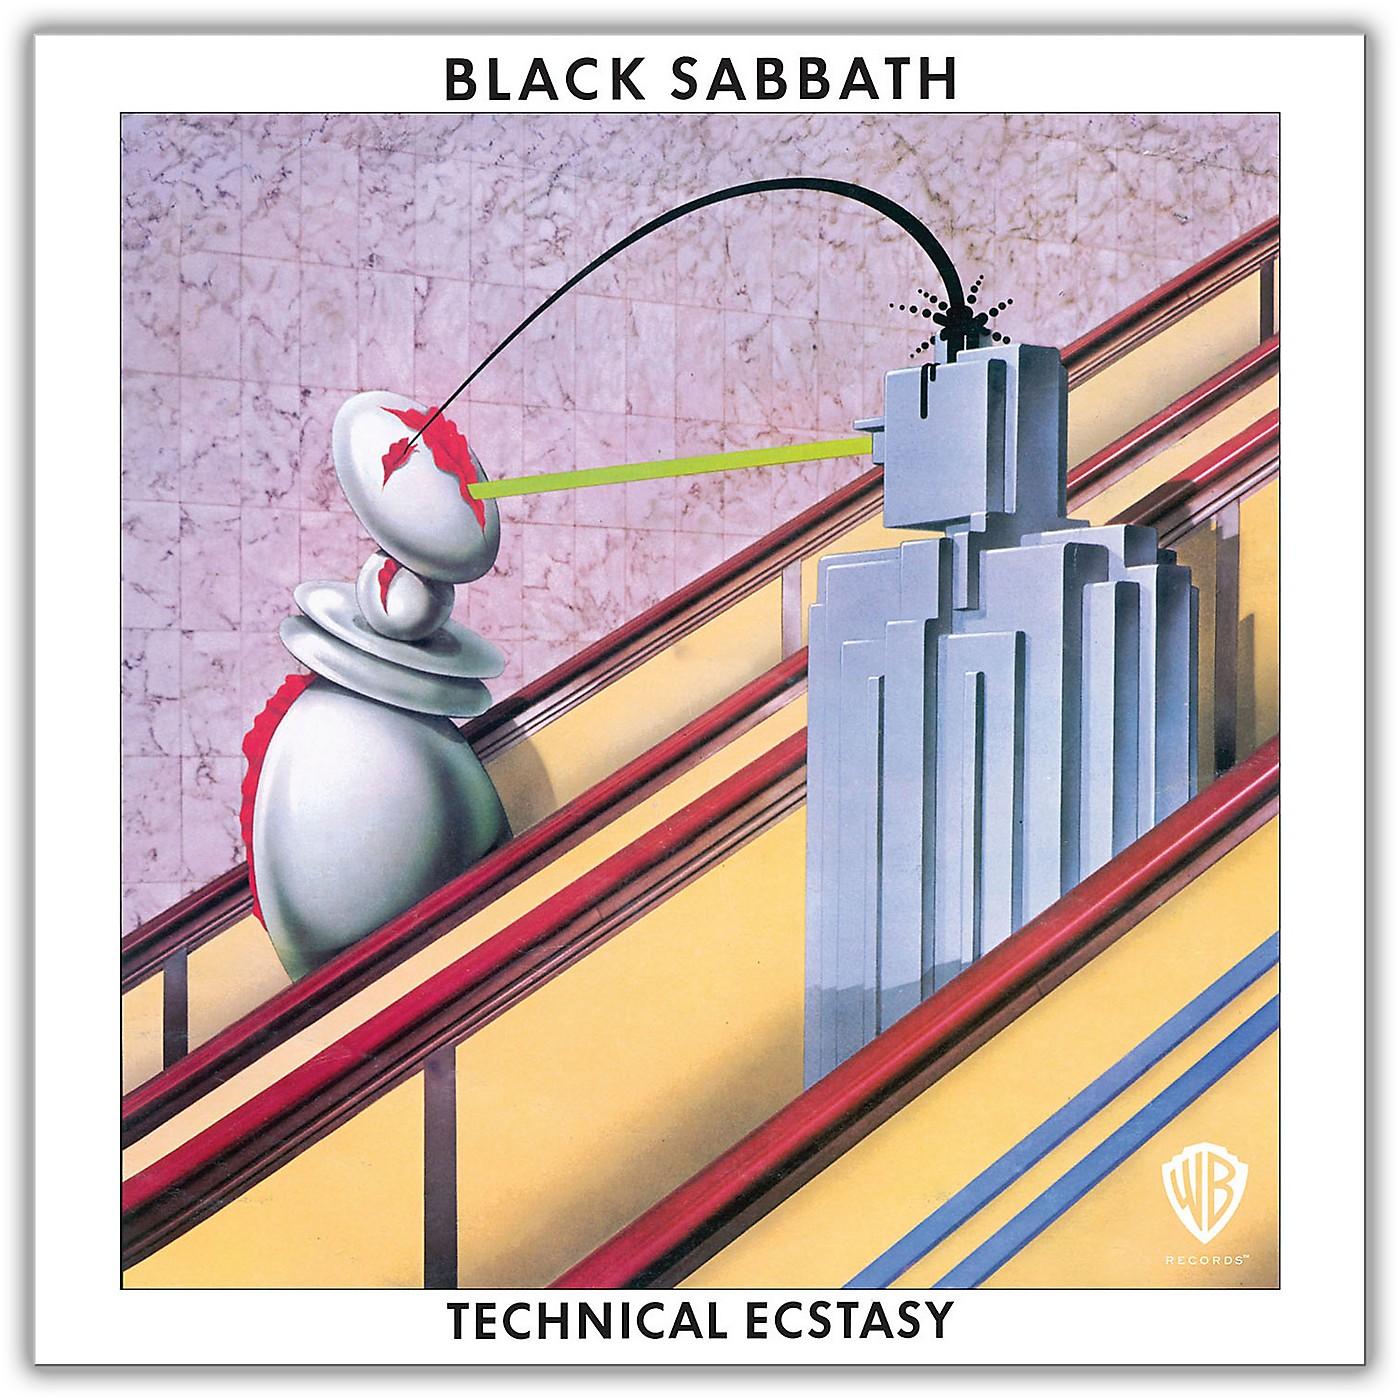 WEA Black Sabbath - Technical Ecstasy 180 Gram Vinyl LP thumbnail